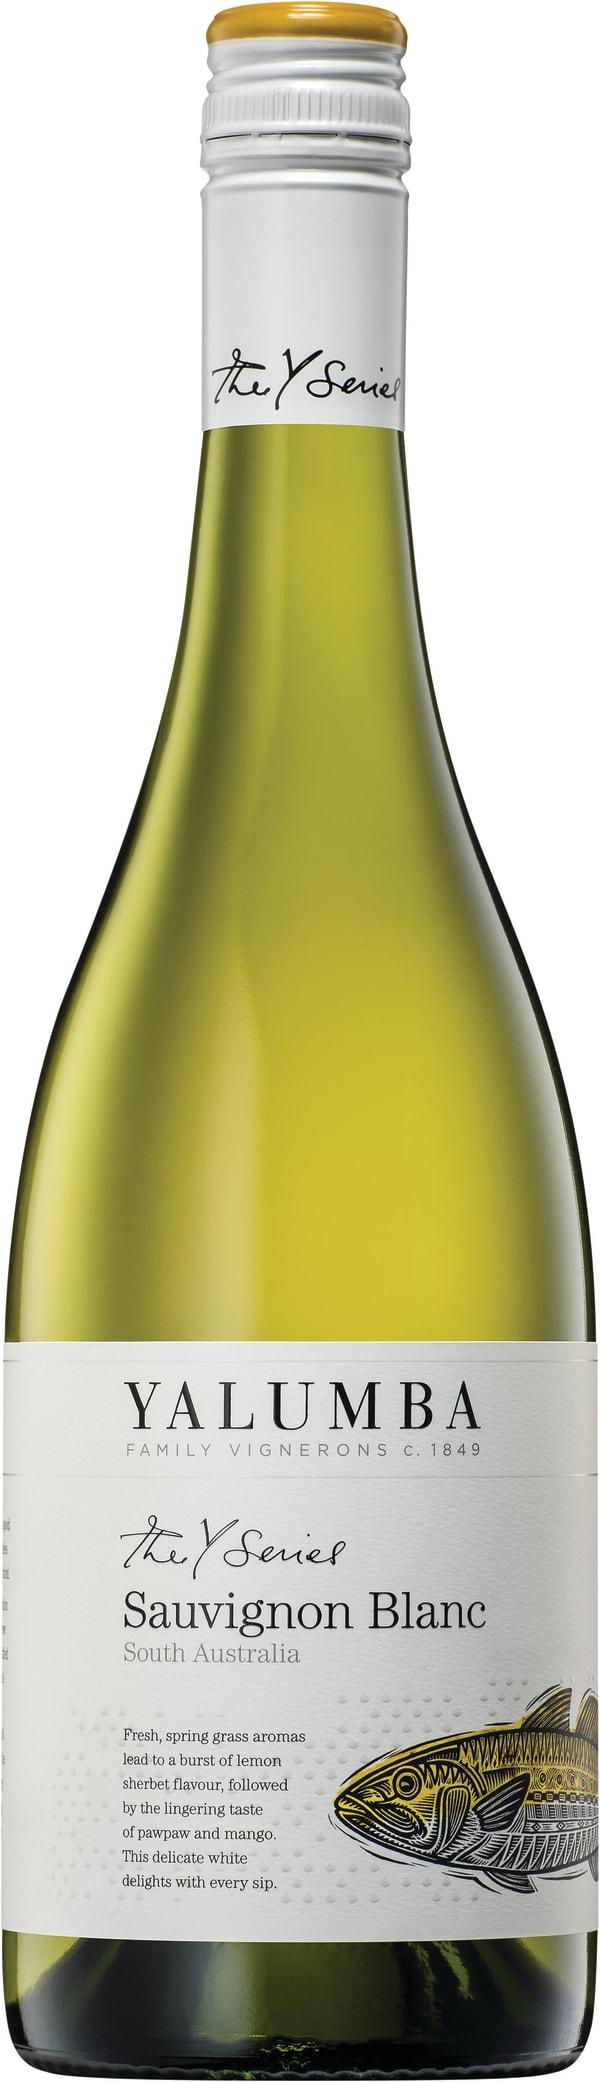 Yalumba Y Series Sauvignon Blanc 2015